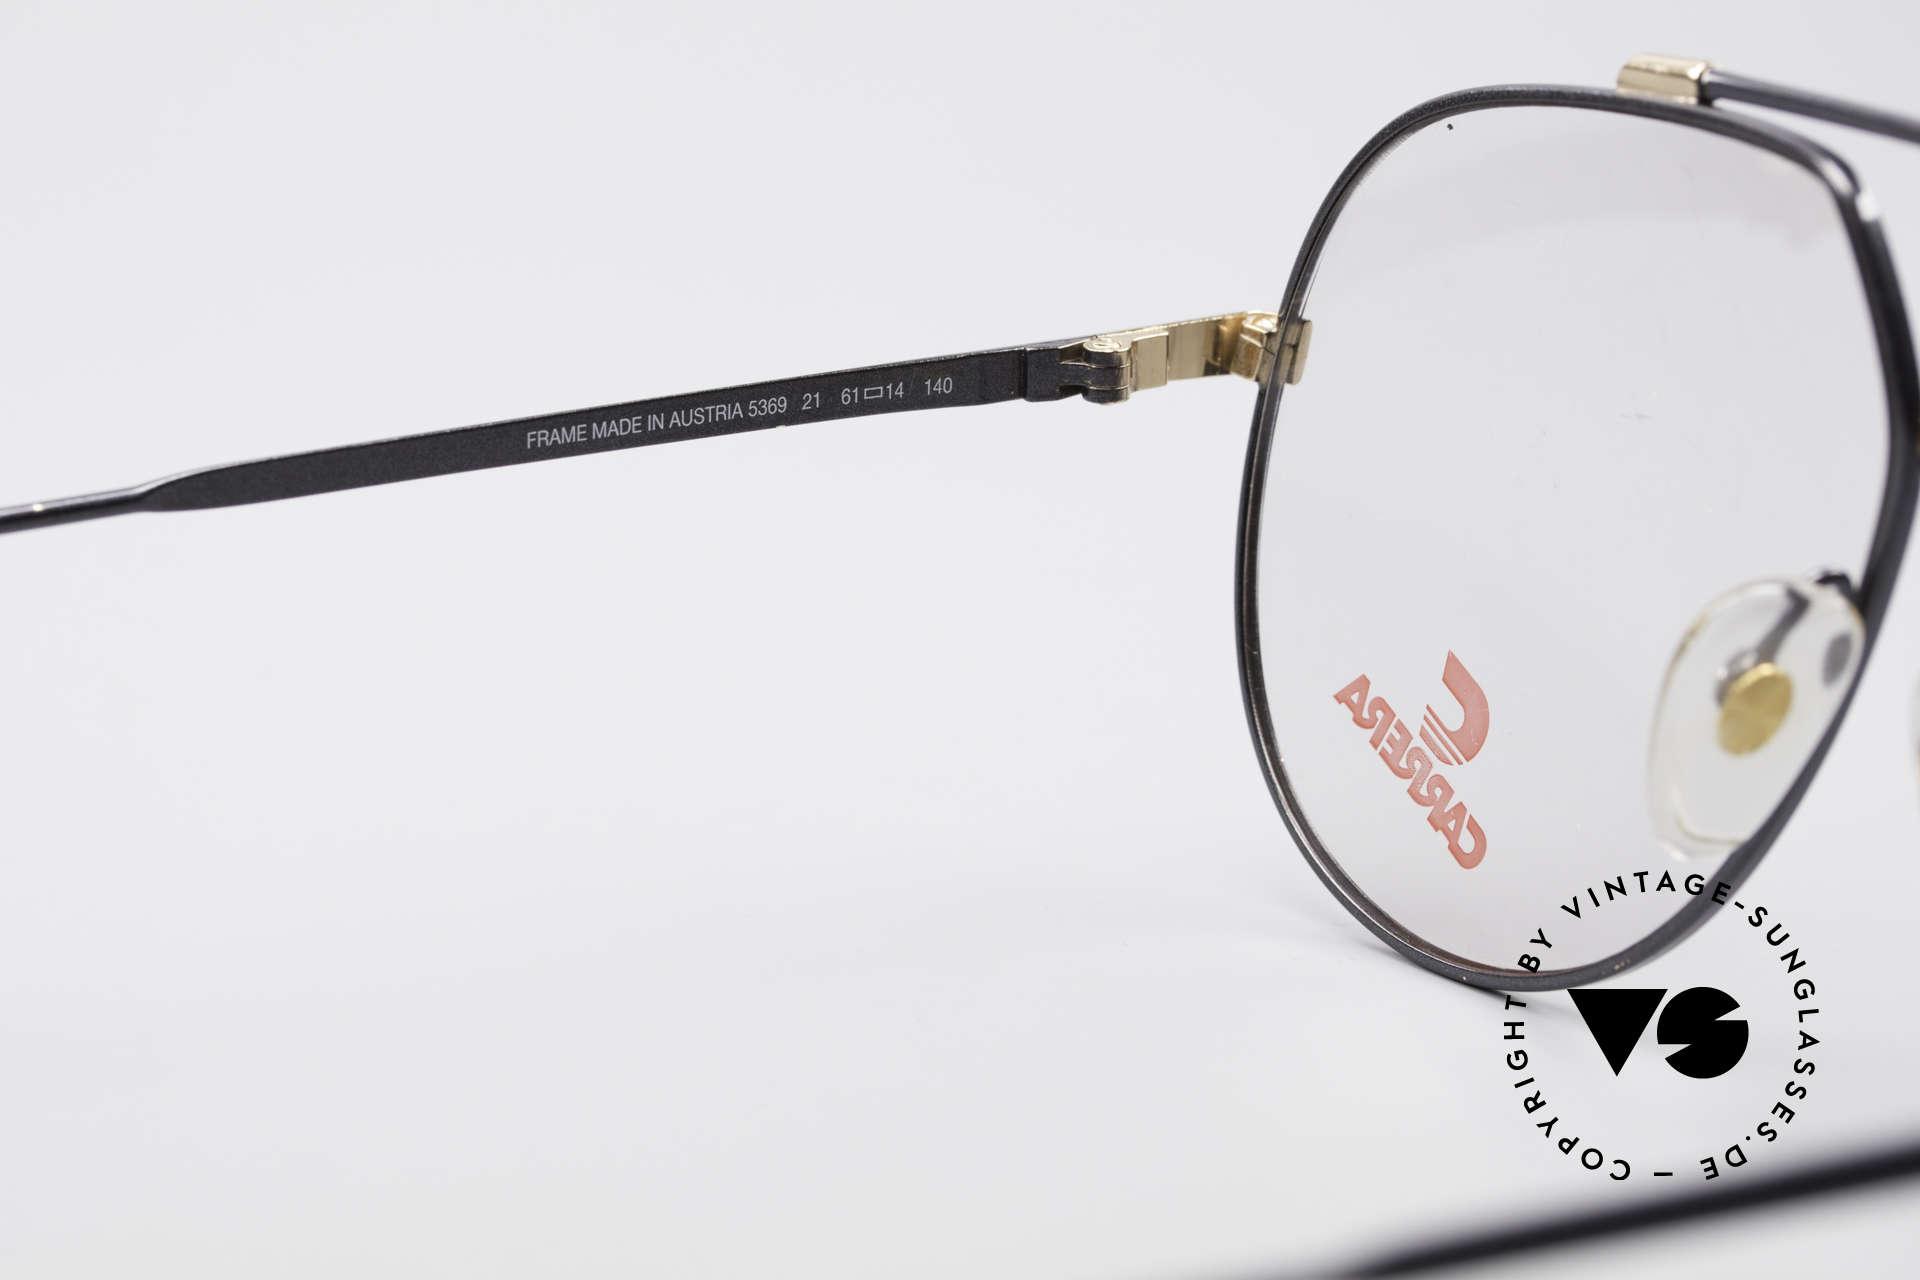 Carrera 5369 Herren Large Vintage Brille, ungetragen (wie all unsere alten Carrera Brillen), Passend für Herren